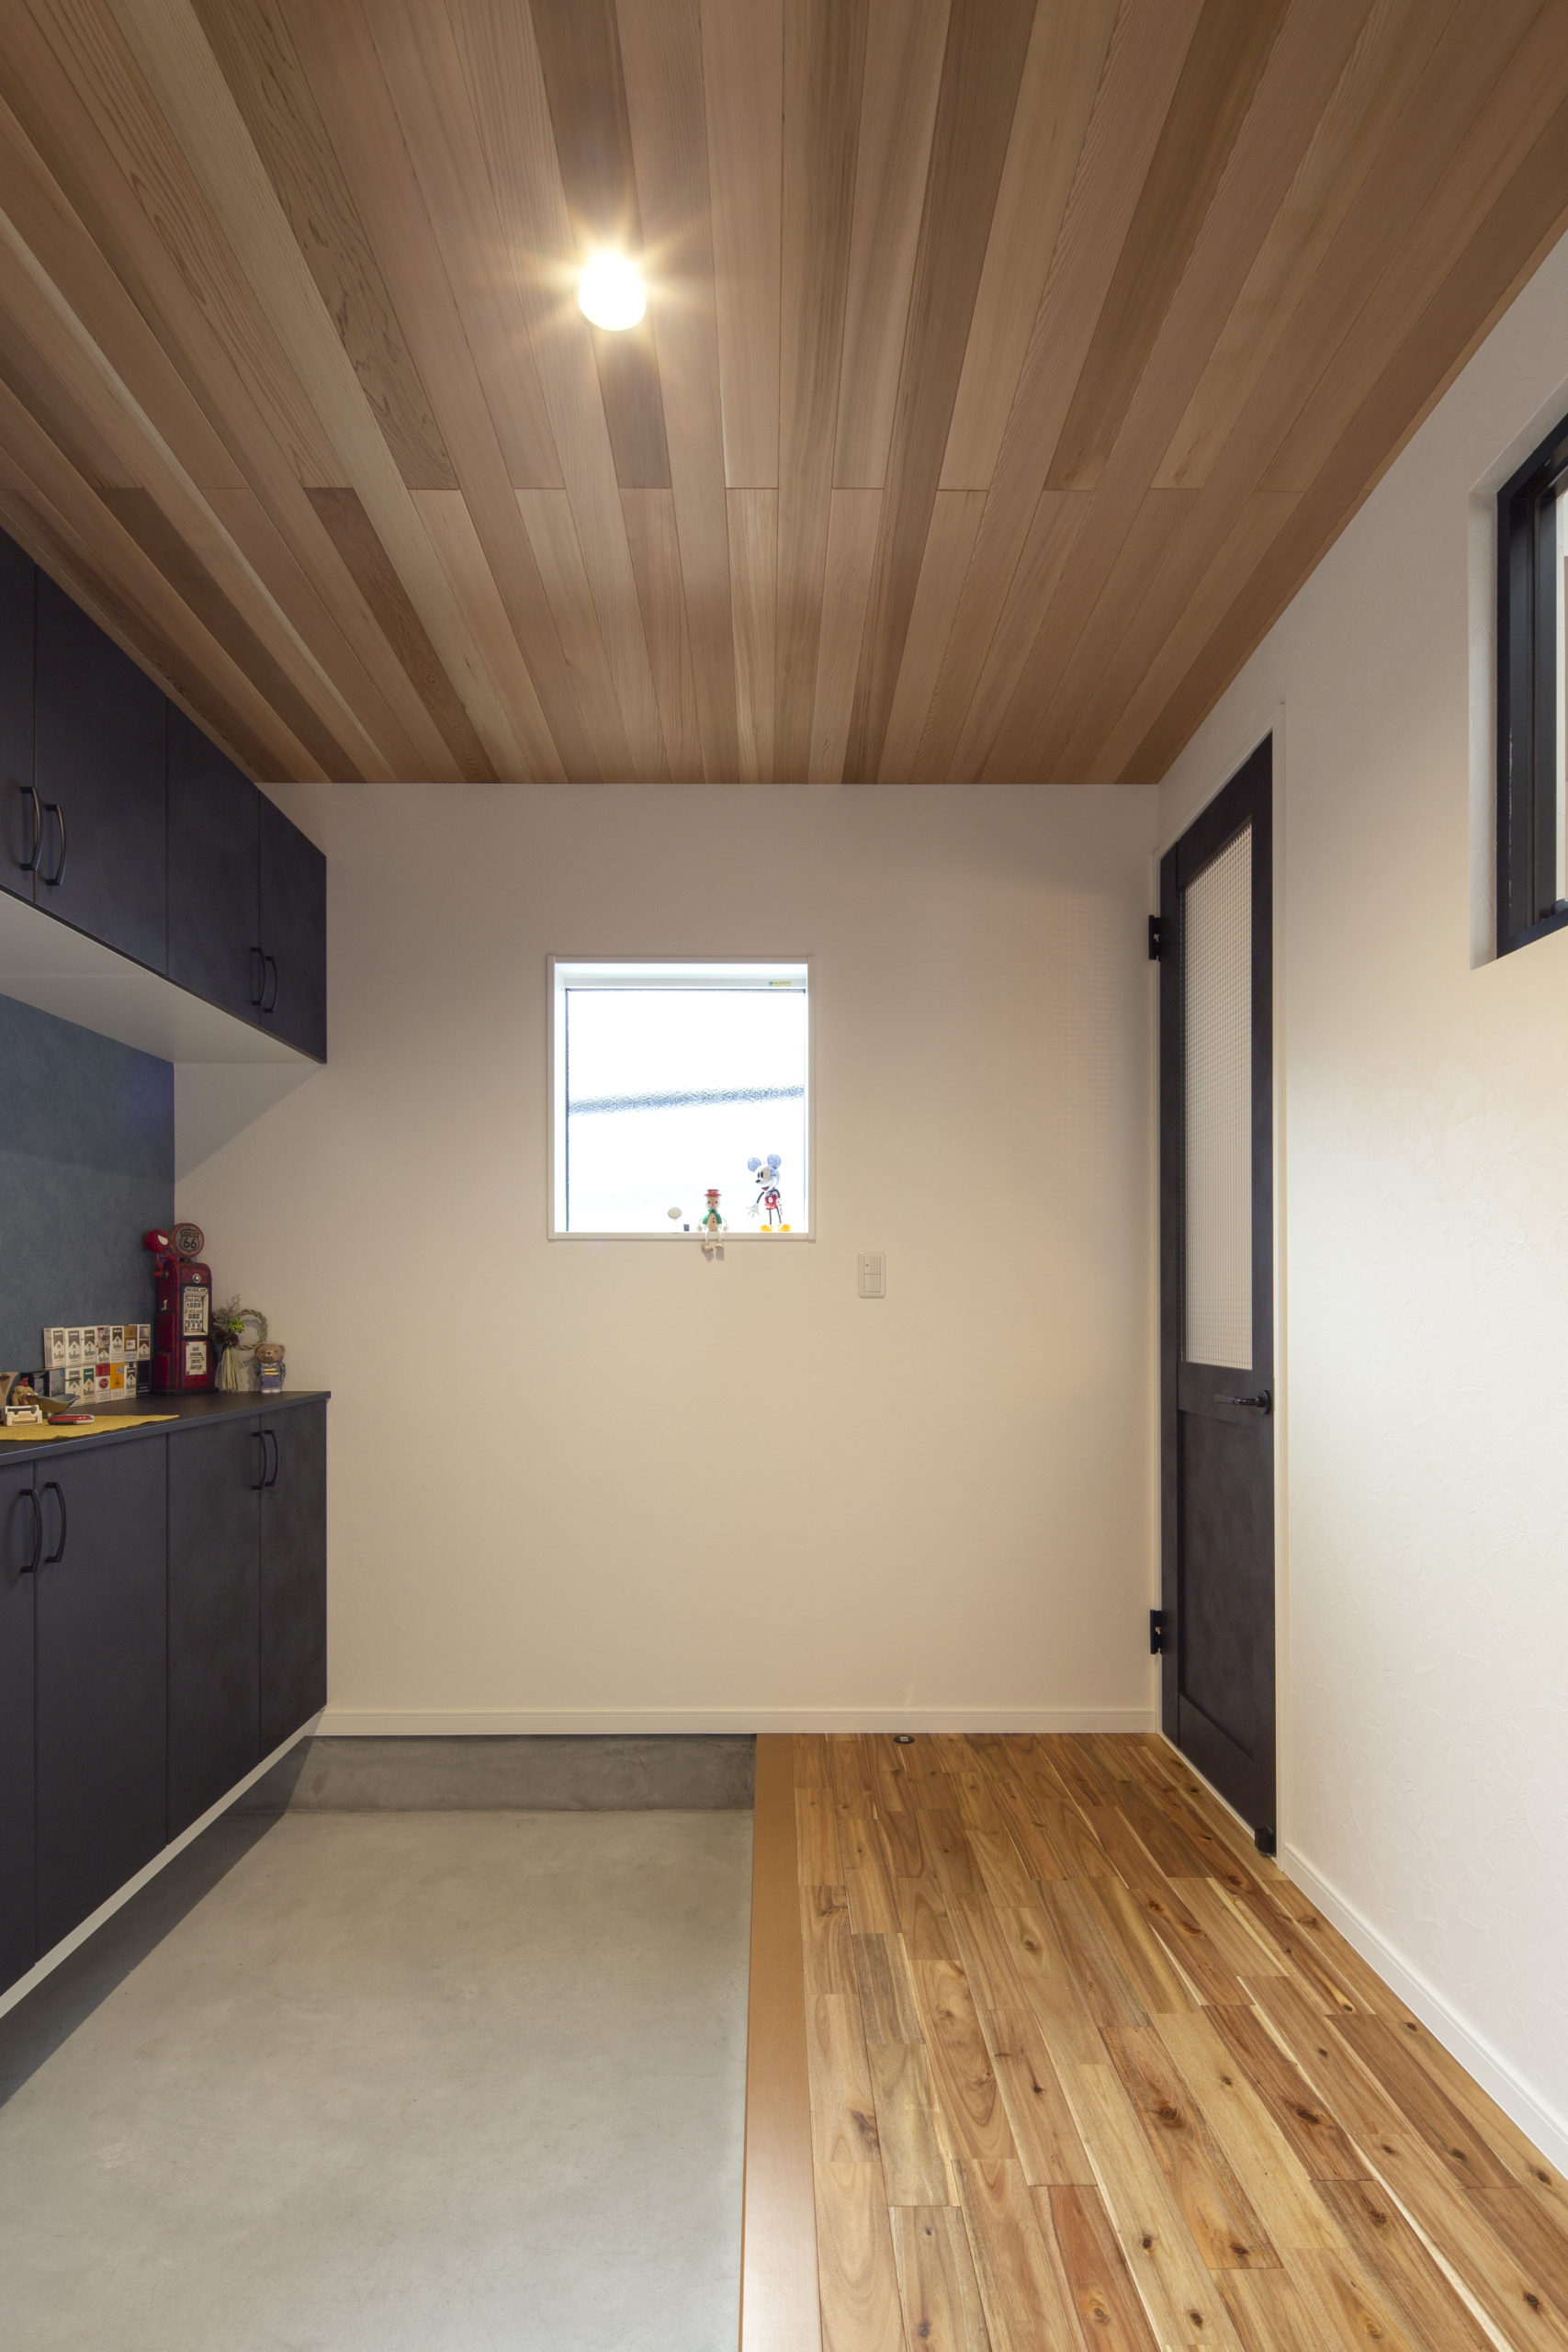 福山市の注文住宅|今井住建の施工事例ギャラリー「タイルもいいけど土間もおススメです」